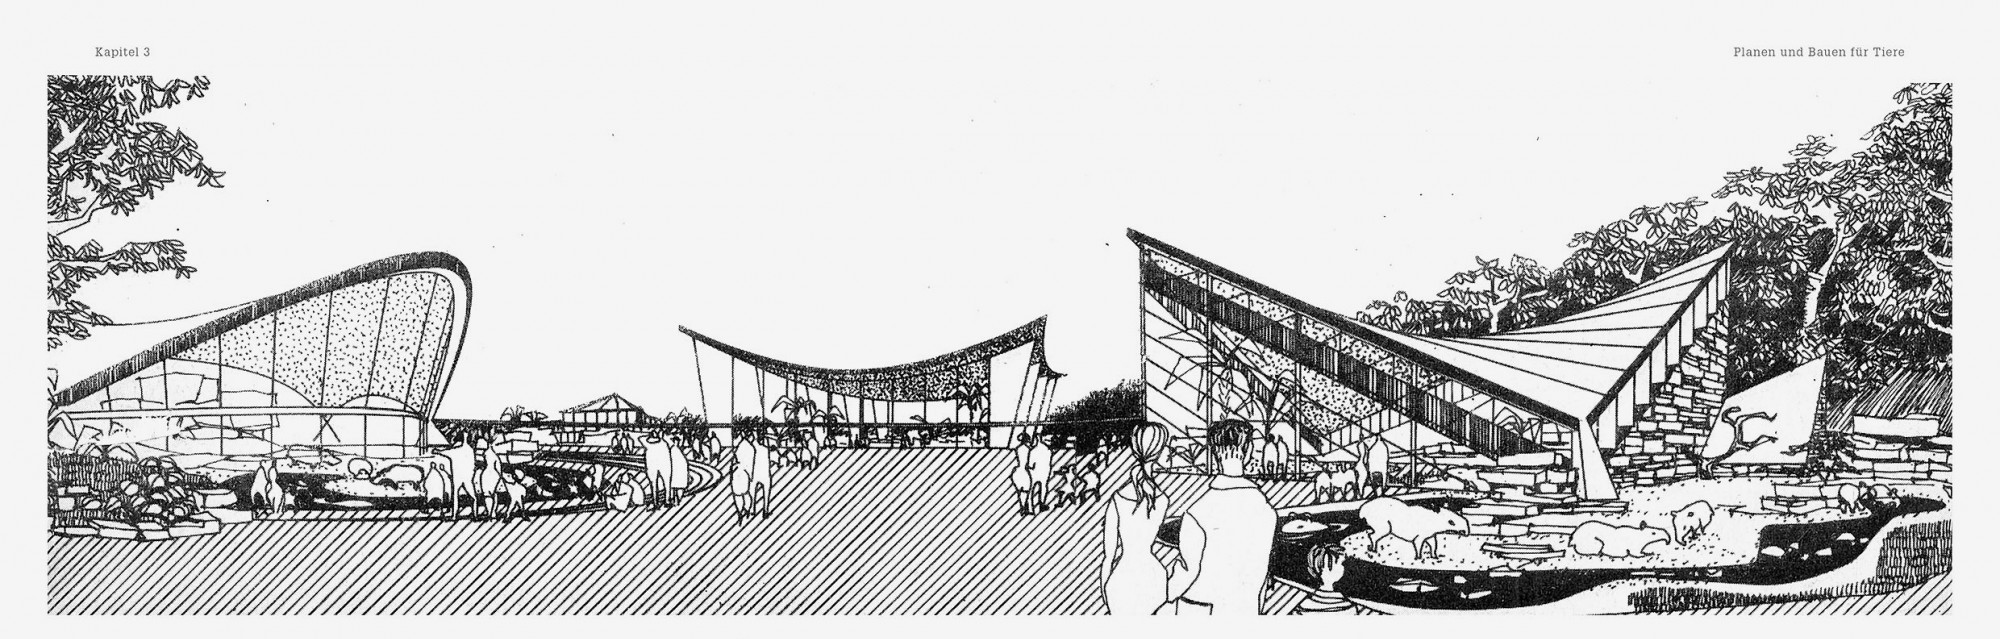 Zooarchitektur 4